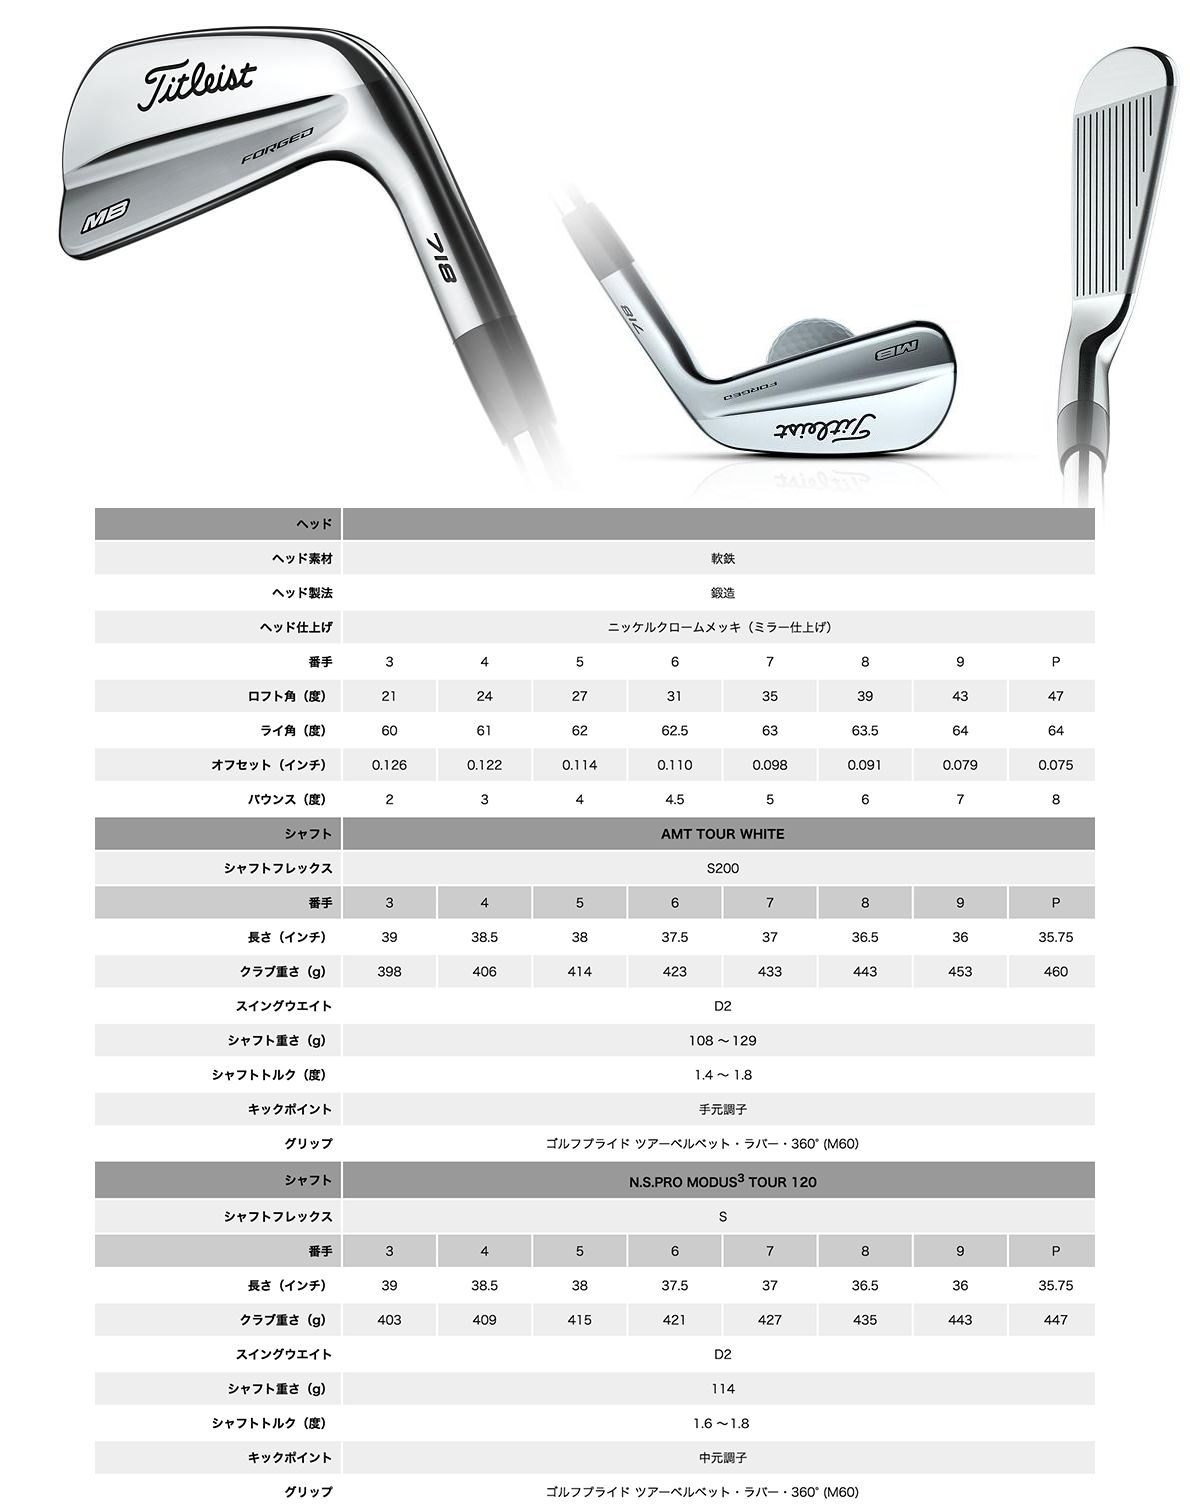 Titleist 718 MB Iron